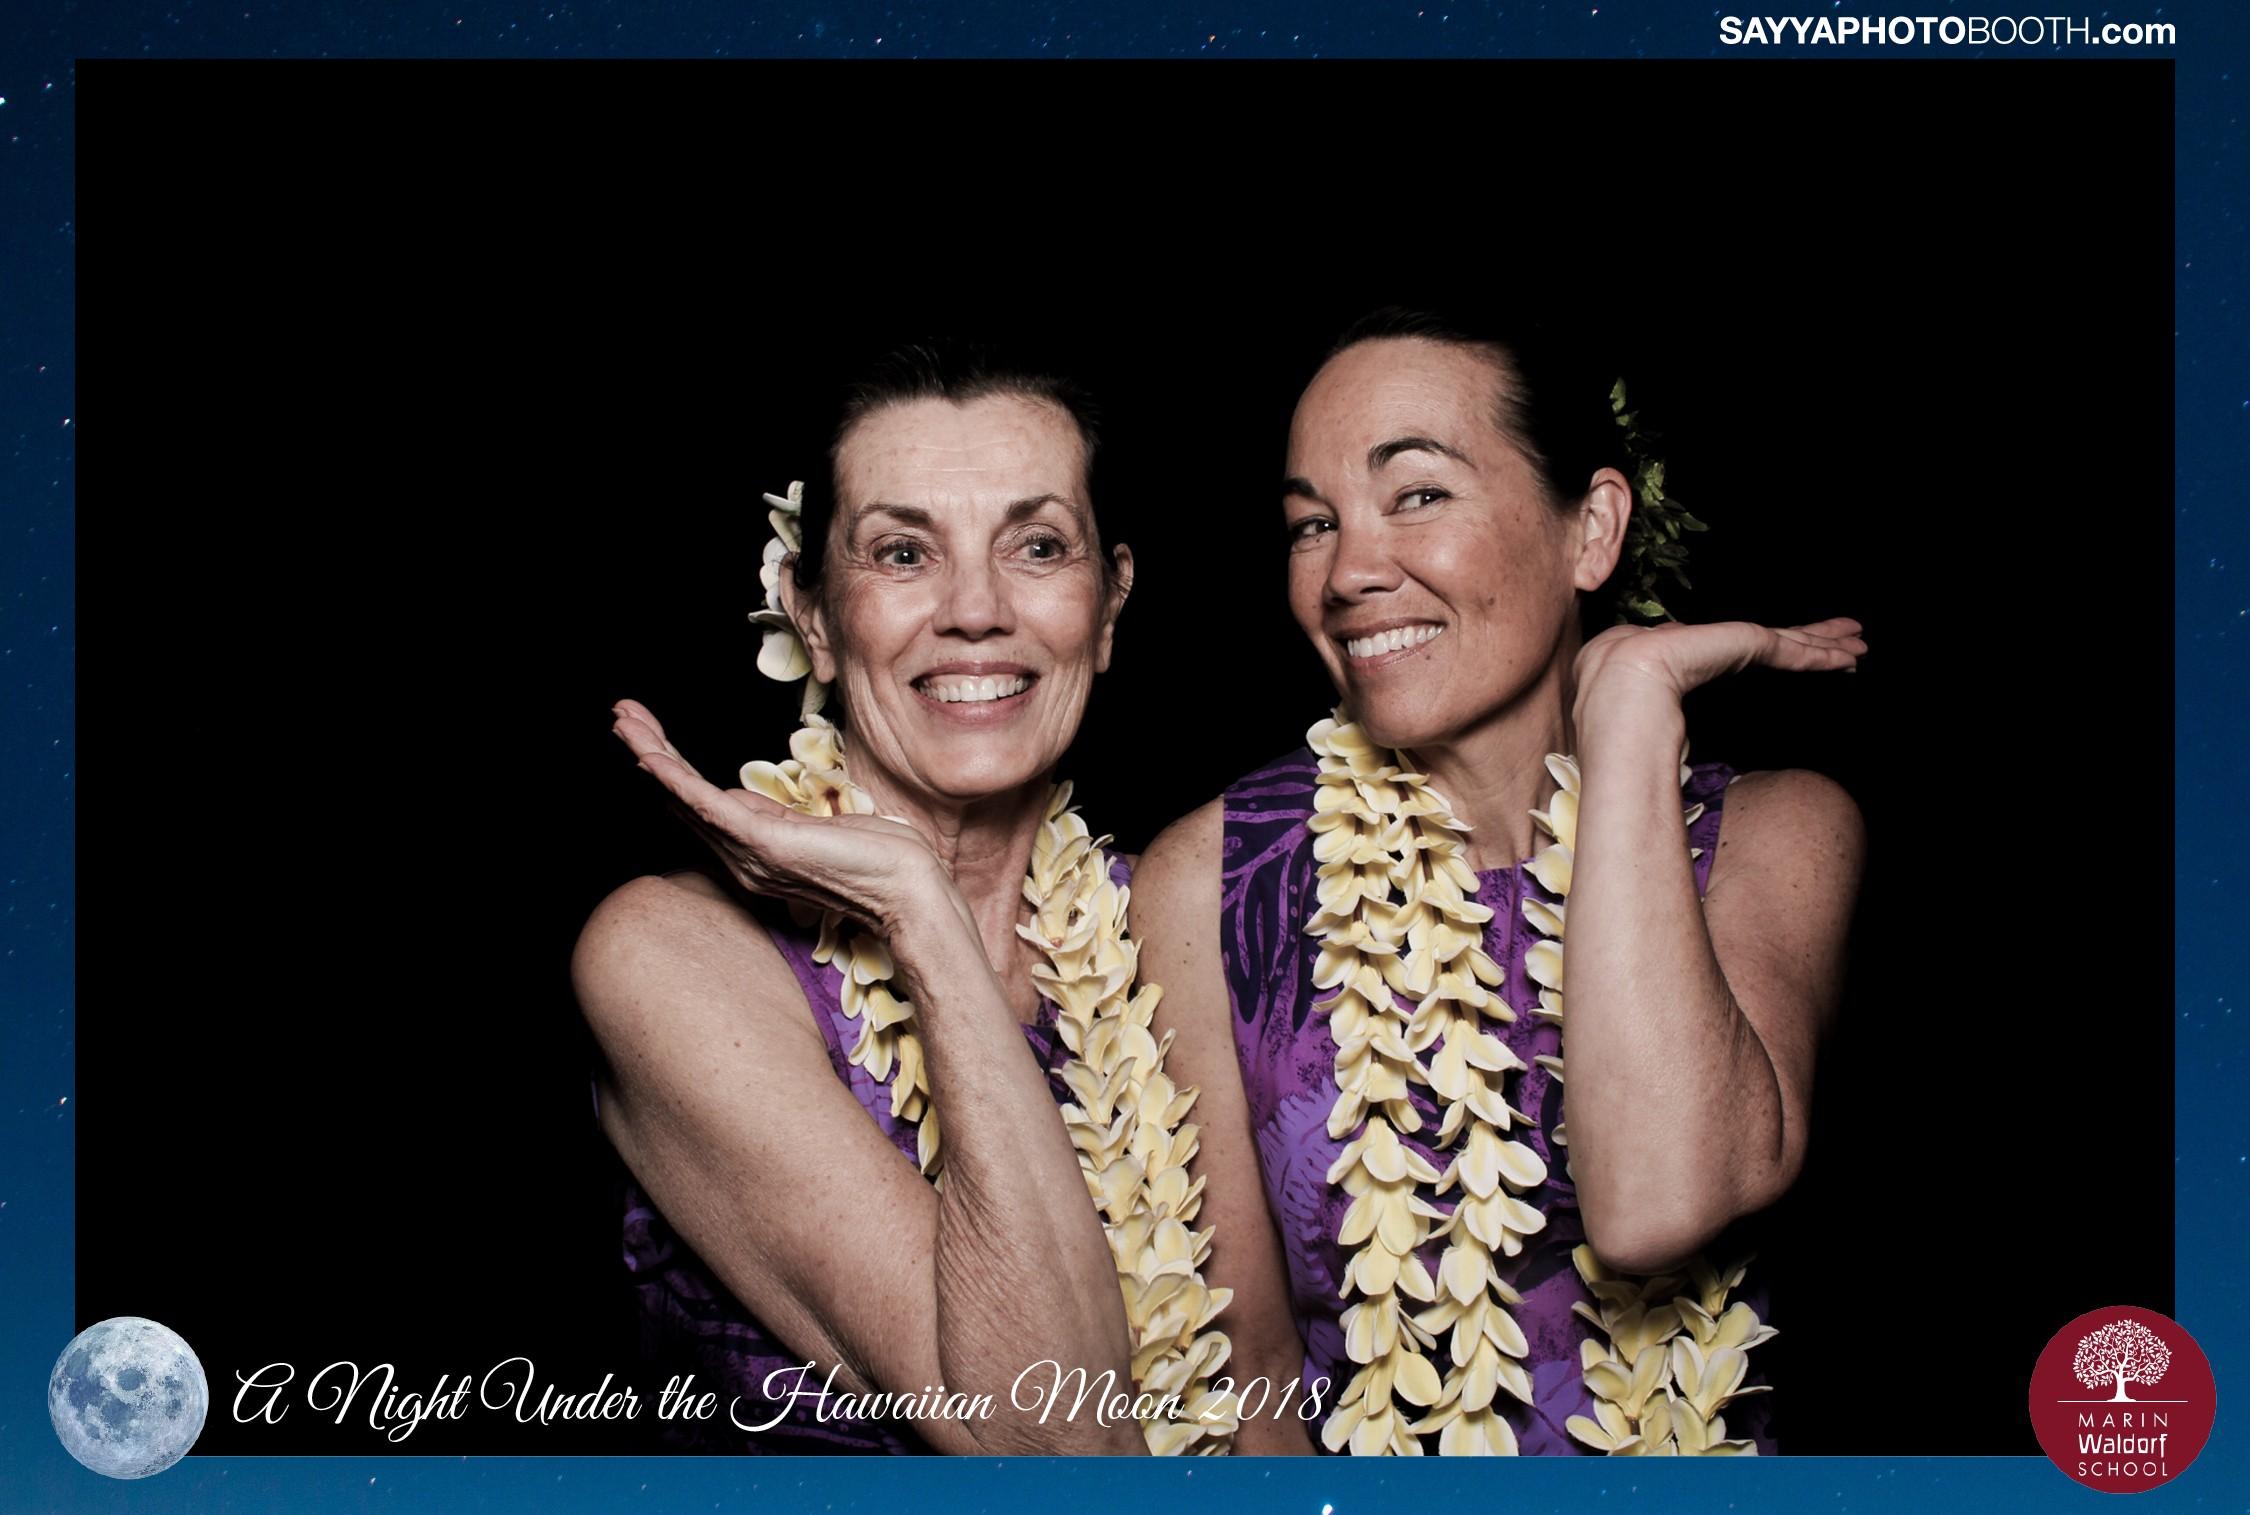 A Night Under the Hawaiian Moon